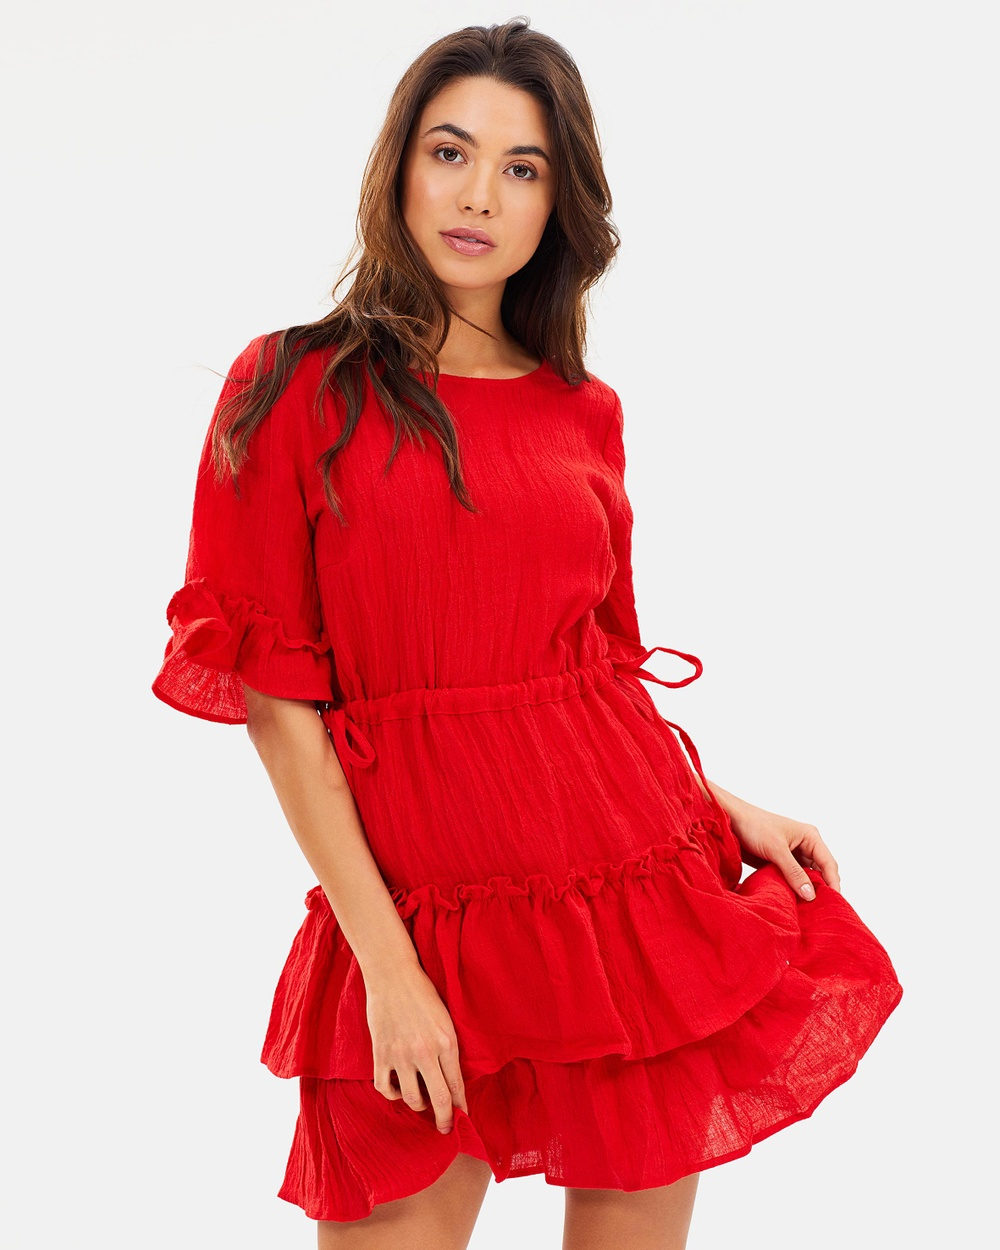 Backstage Gabriella Dress Dresses Red Gabriella Dress